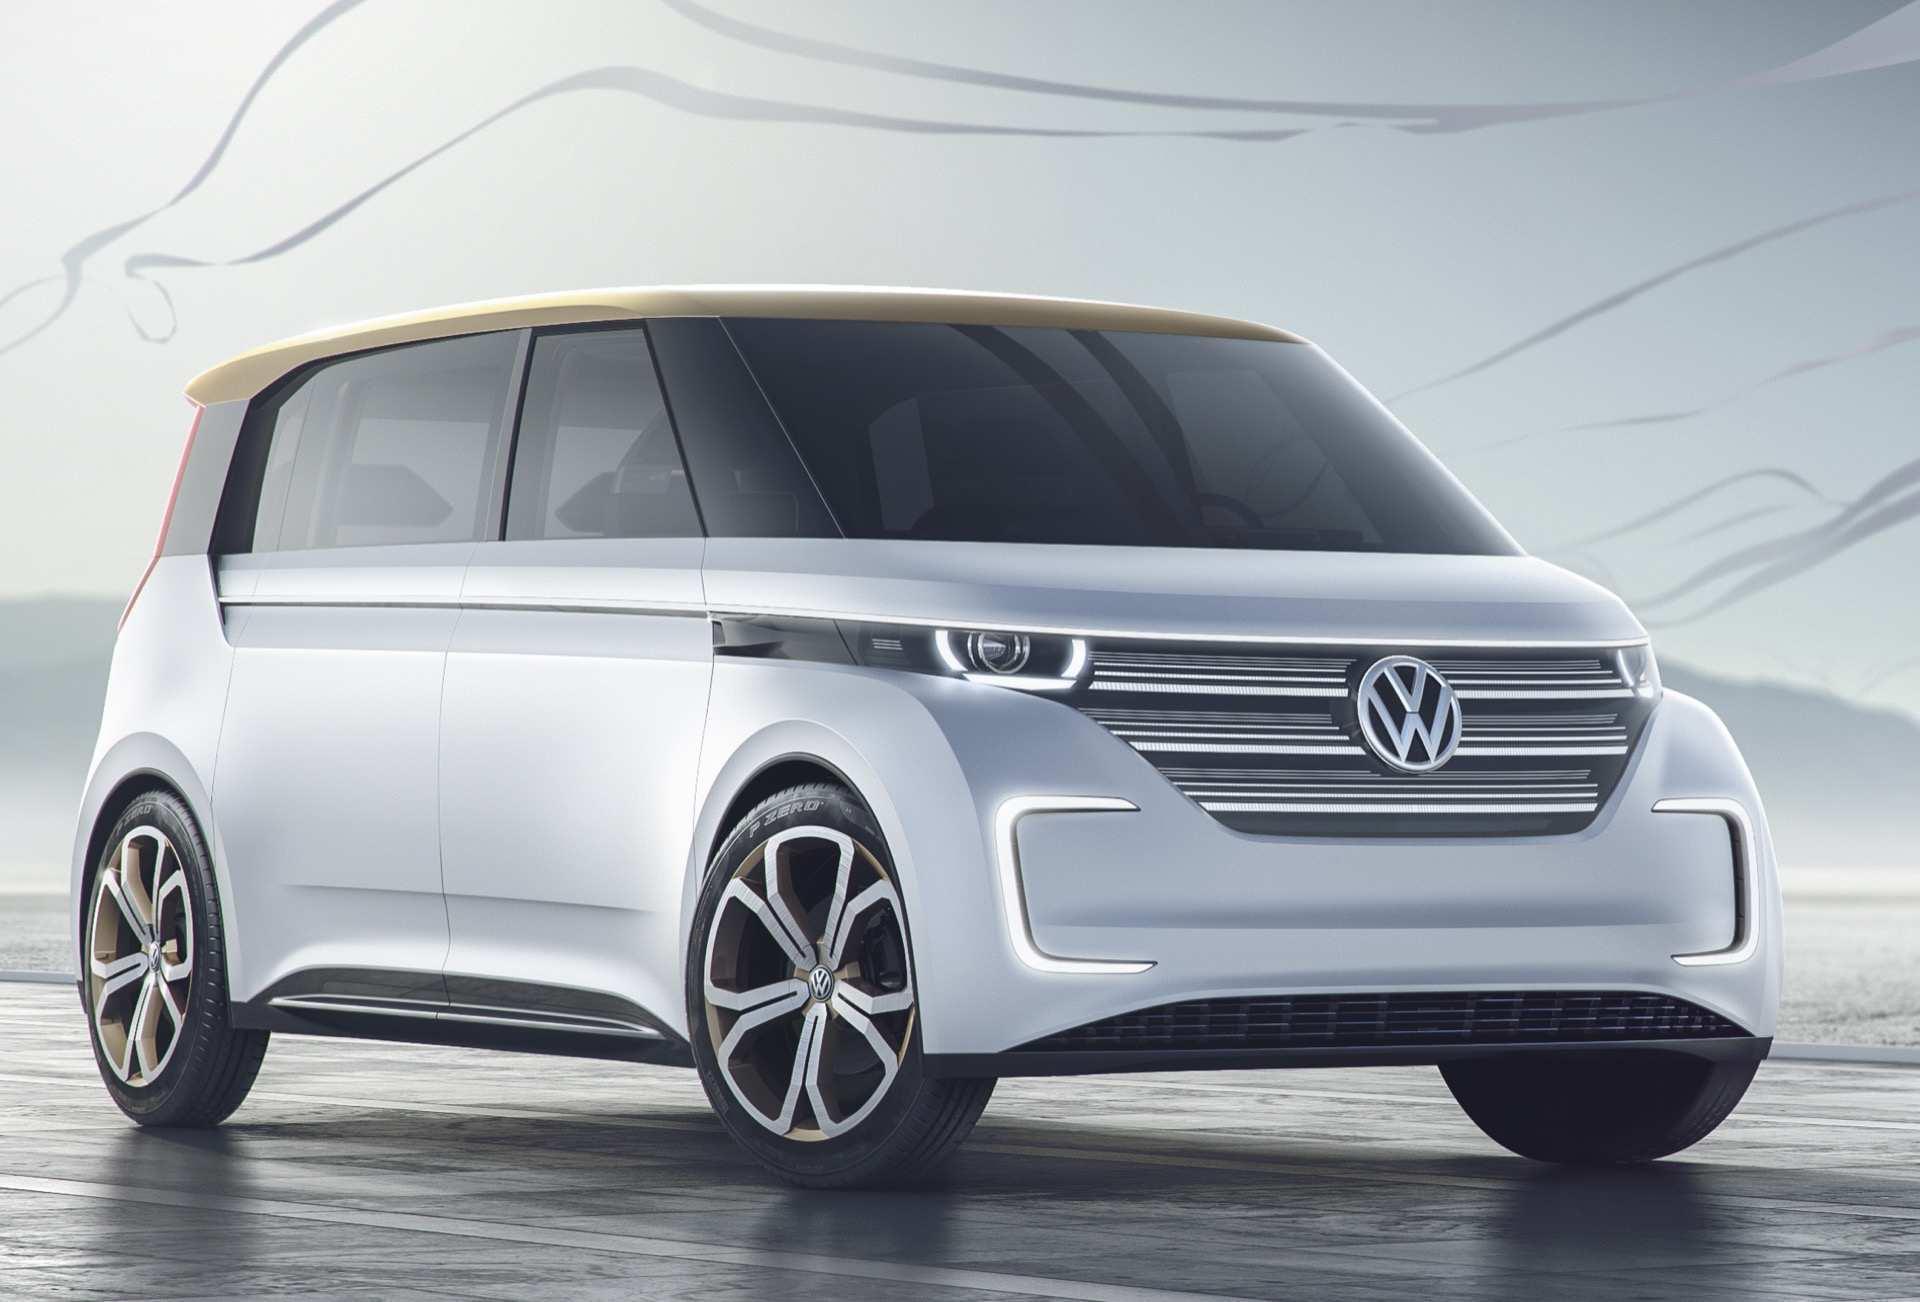 29 The Volkswagen 2020 Concept Ratings for Volkswagen 2020 Concept